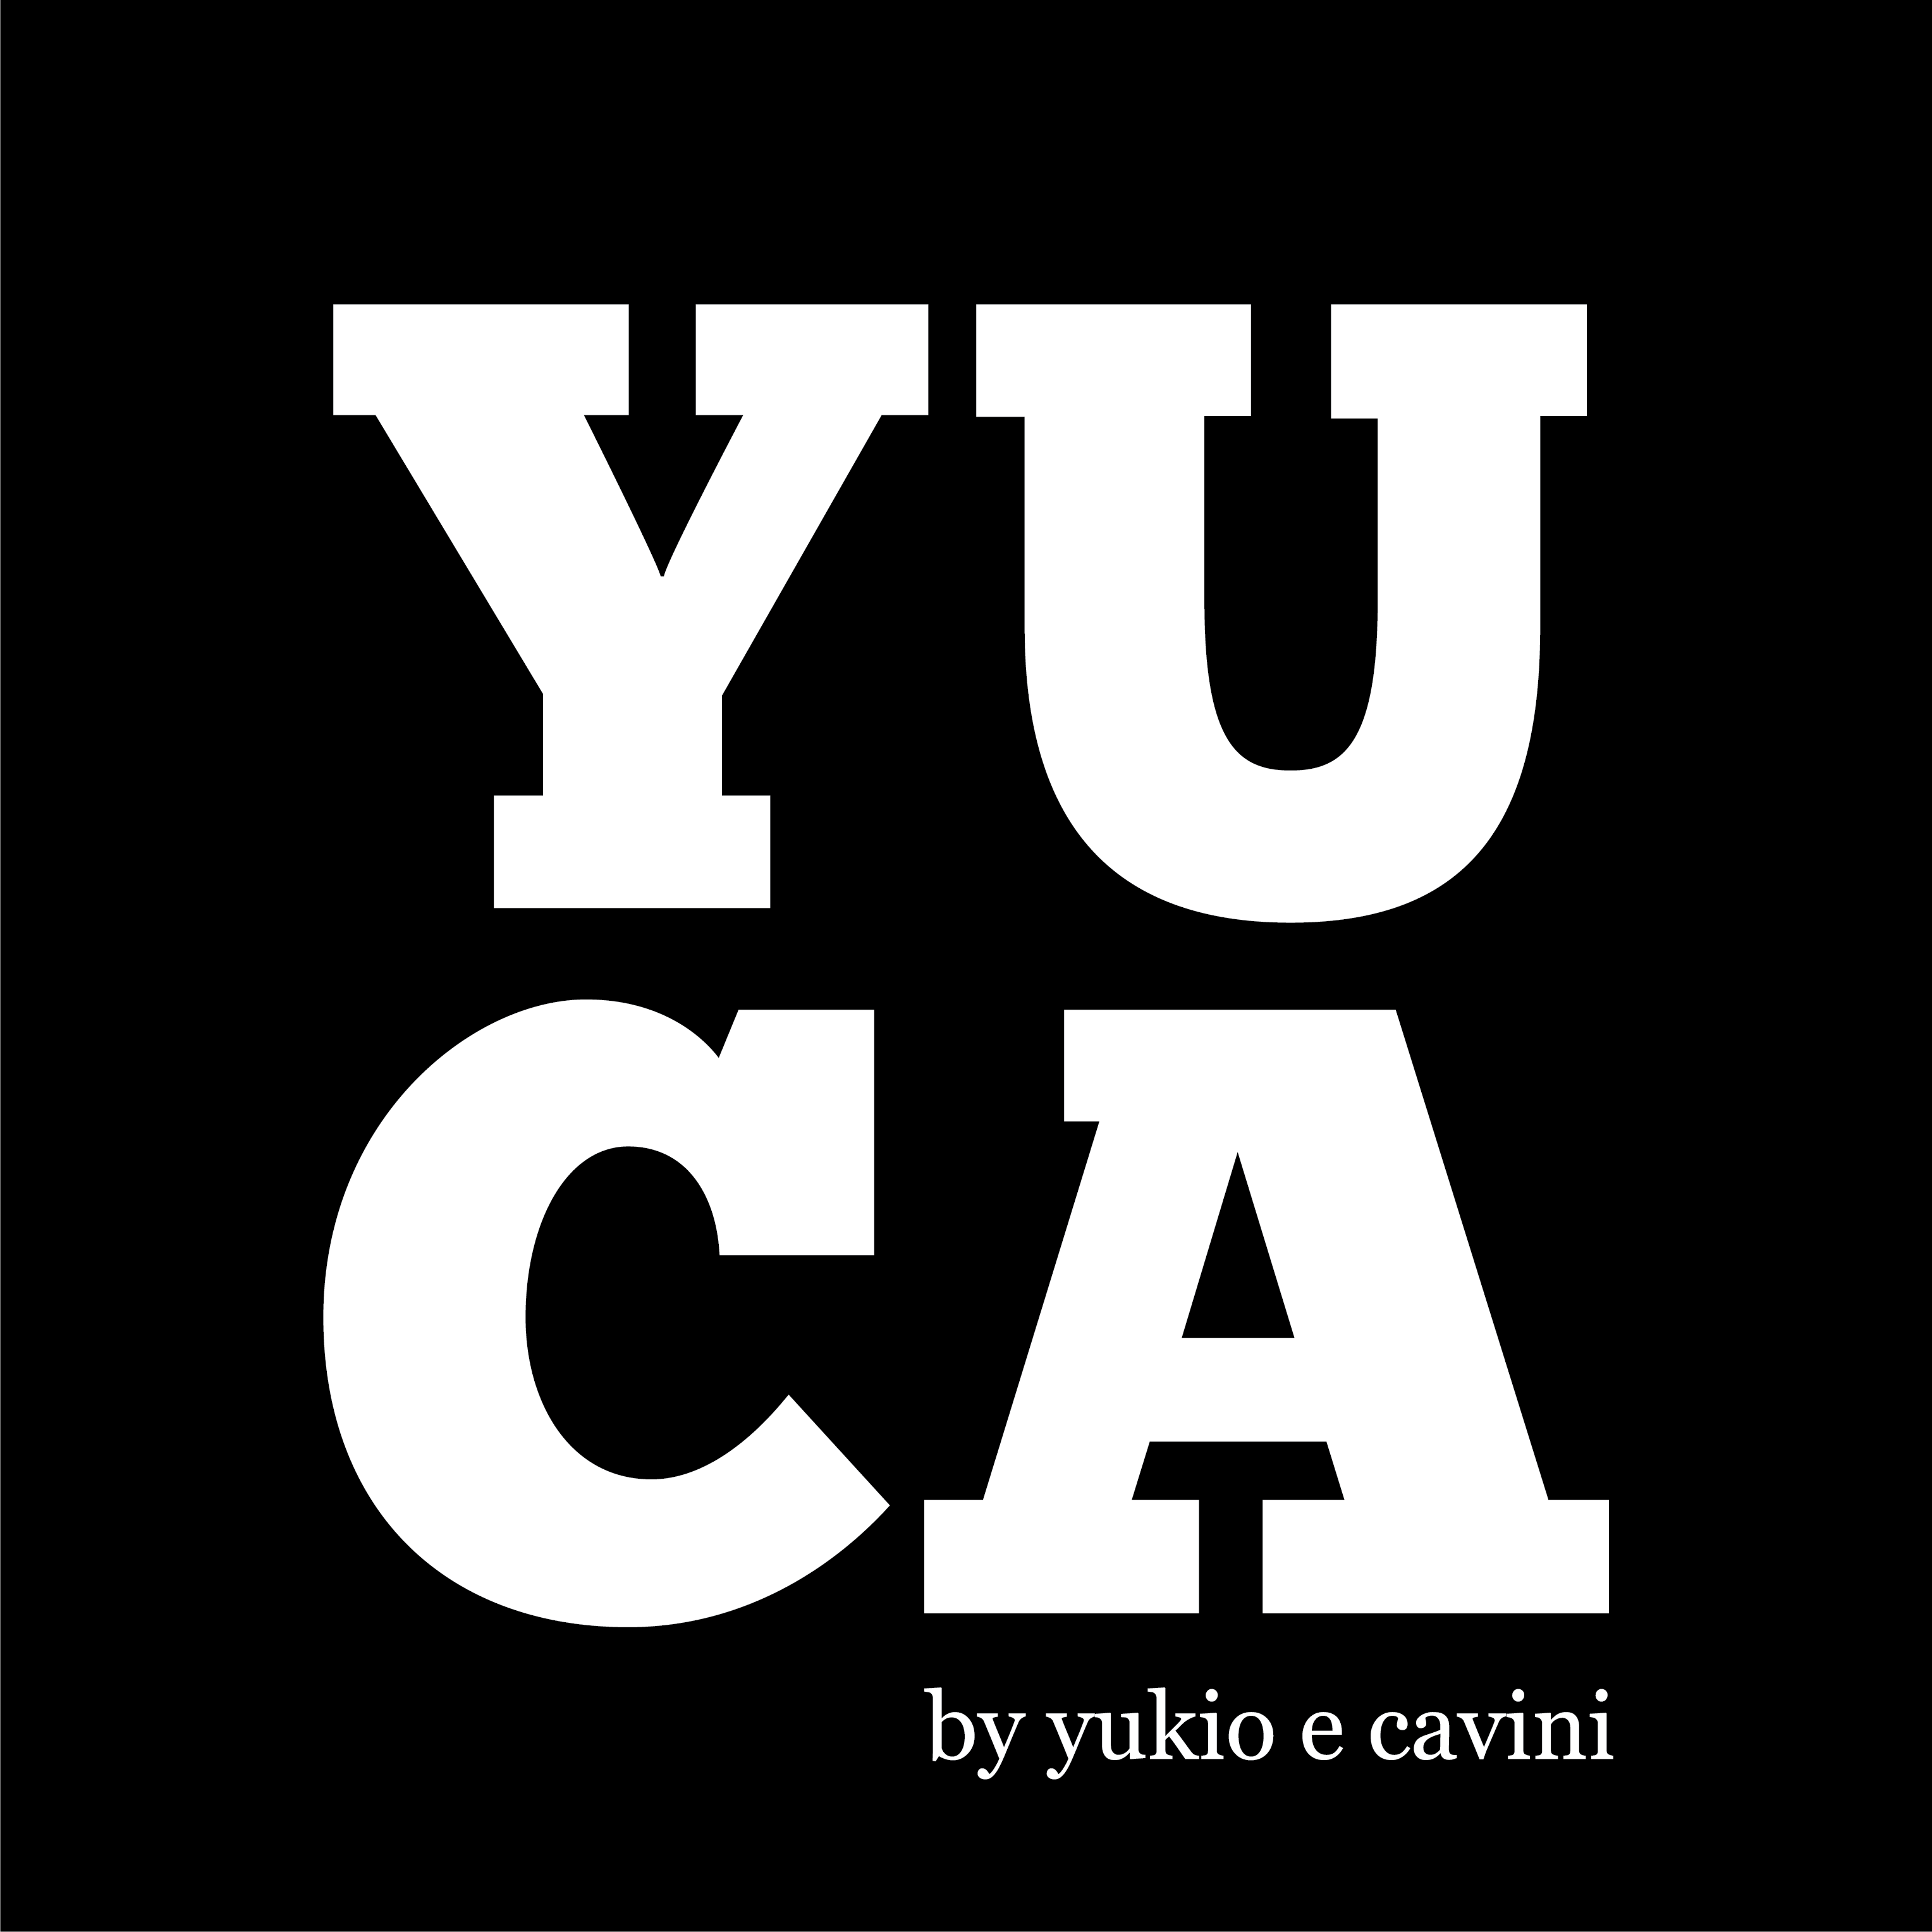 """Logotipo da empresa YUCA. Trata-se de um logo na forma de um quadrado na cor preto, com as palavras """"YUCA"""" escritas dentro desse quadrado."""